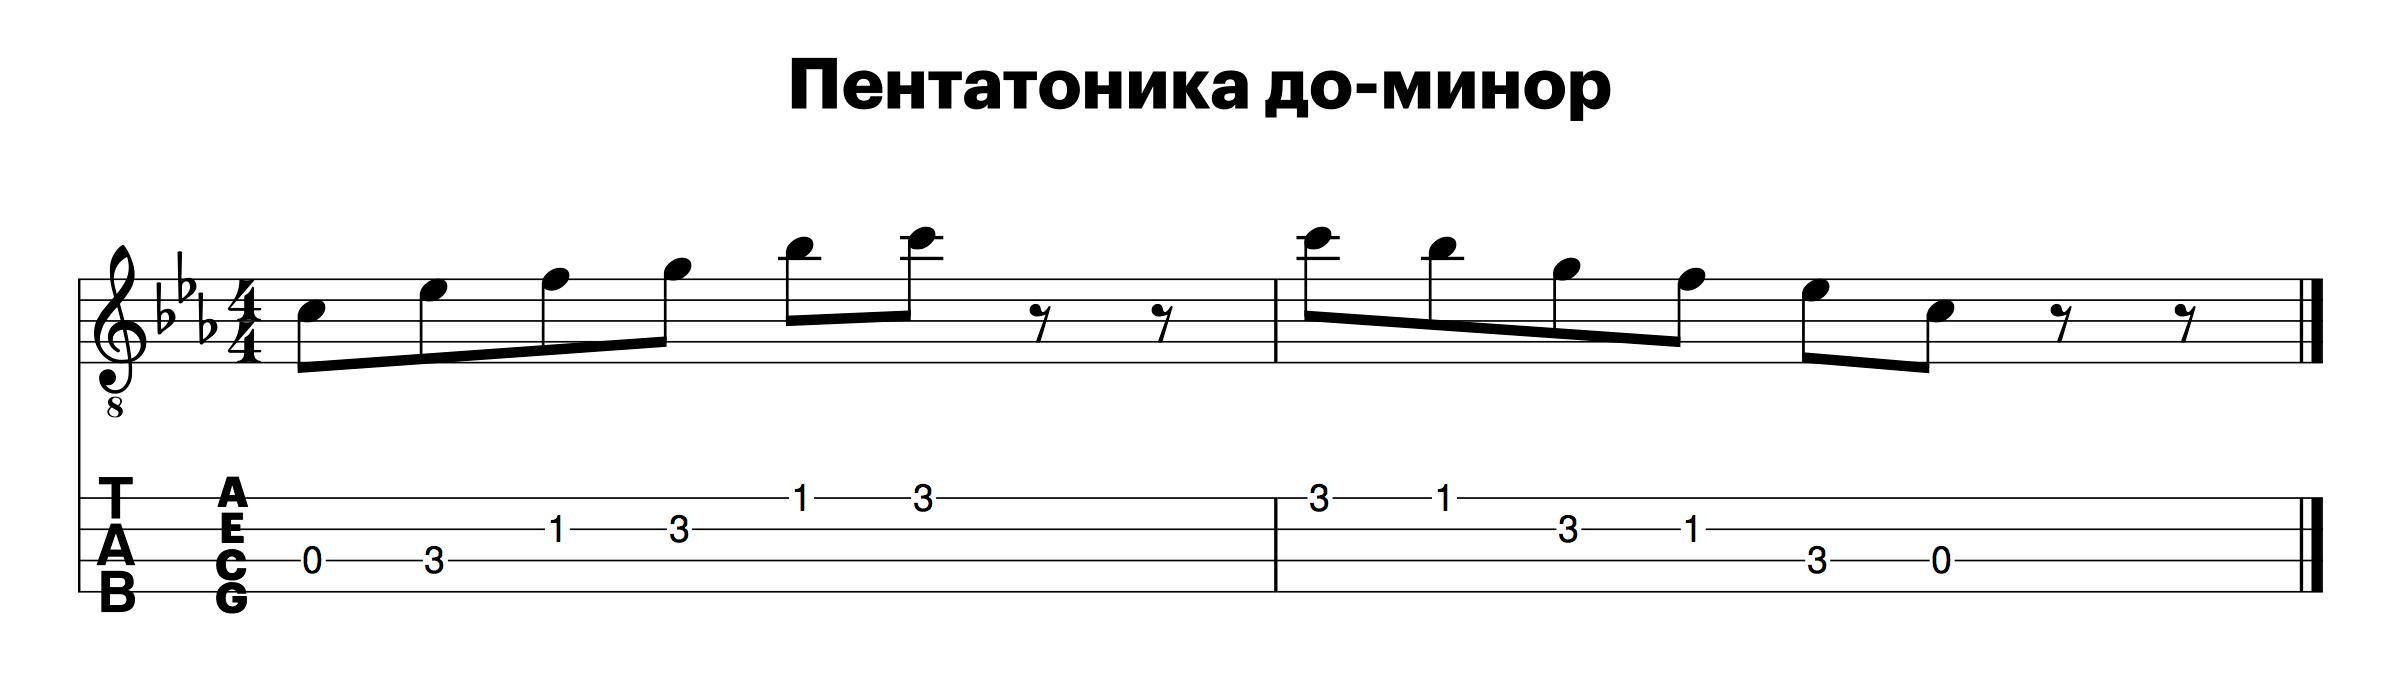 Как играть на укулеле, пентатоника для укулеле, гаммы для укулеле